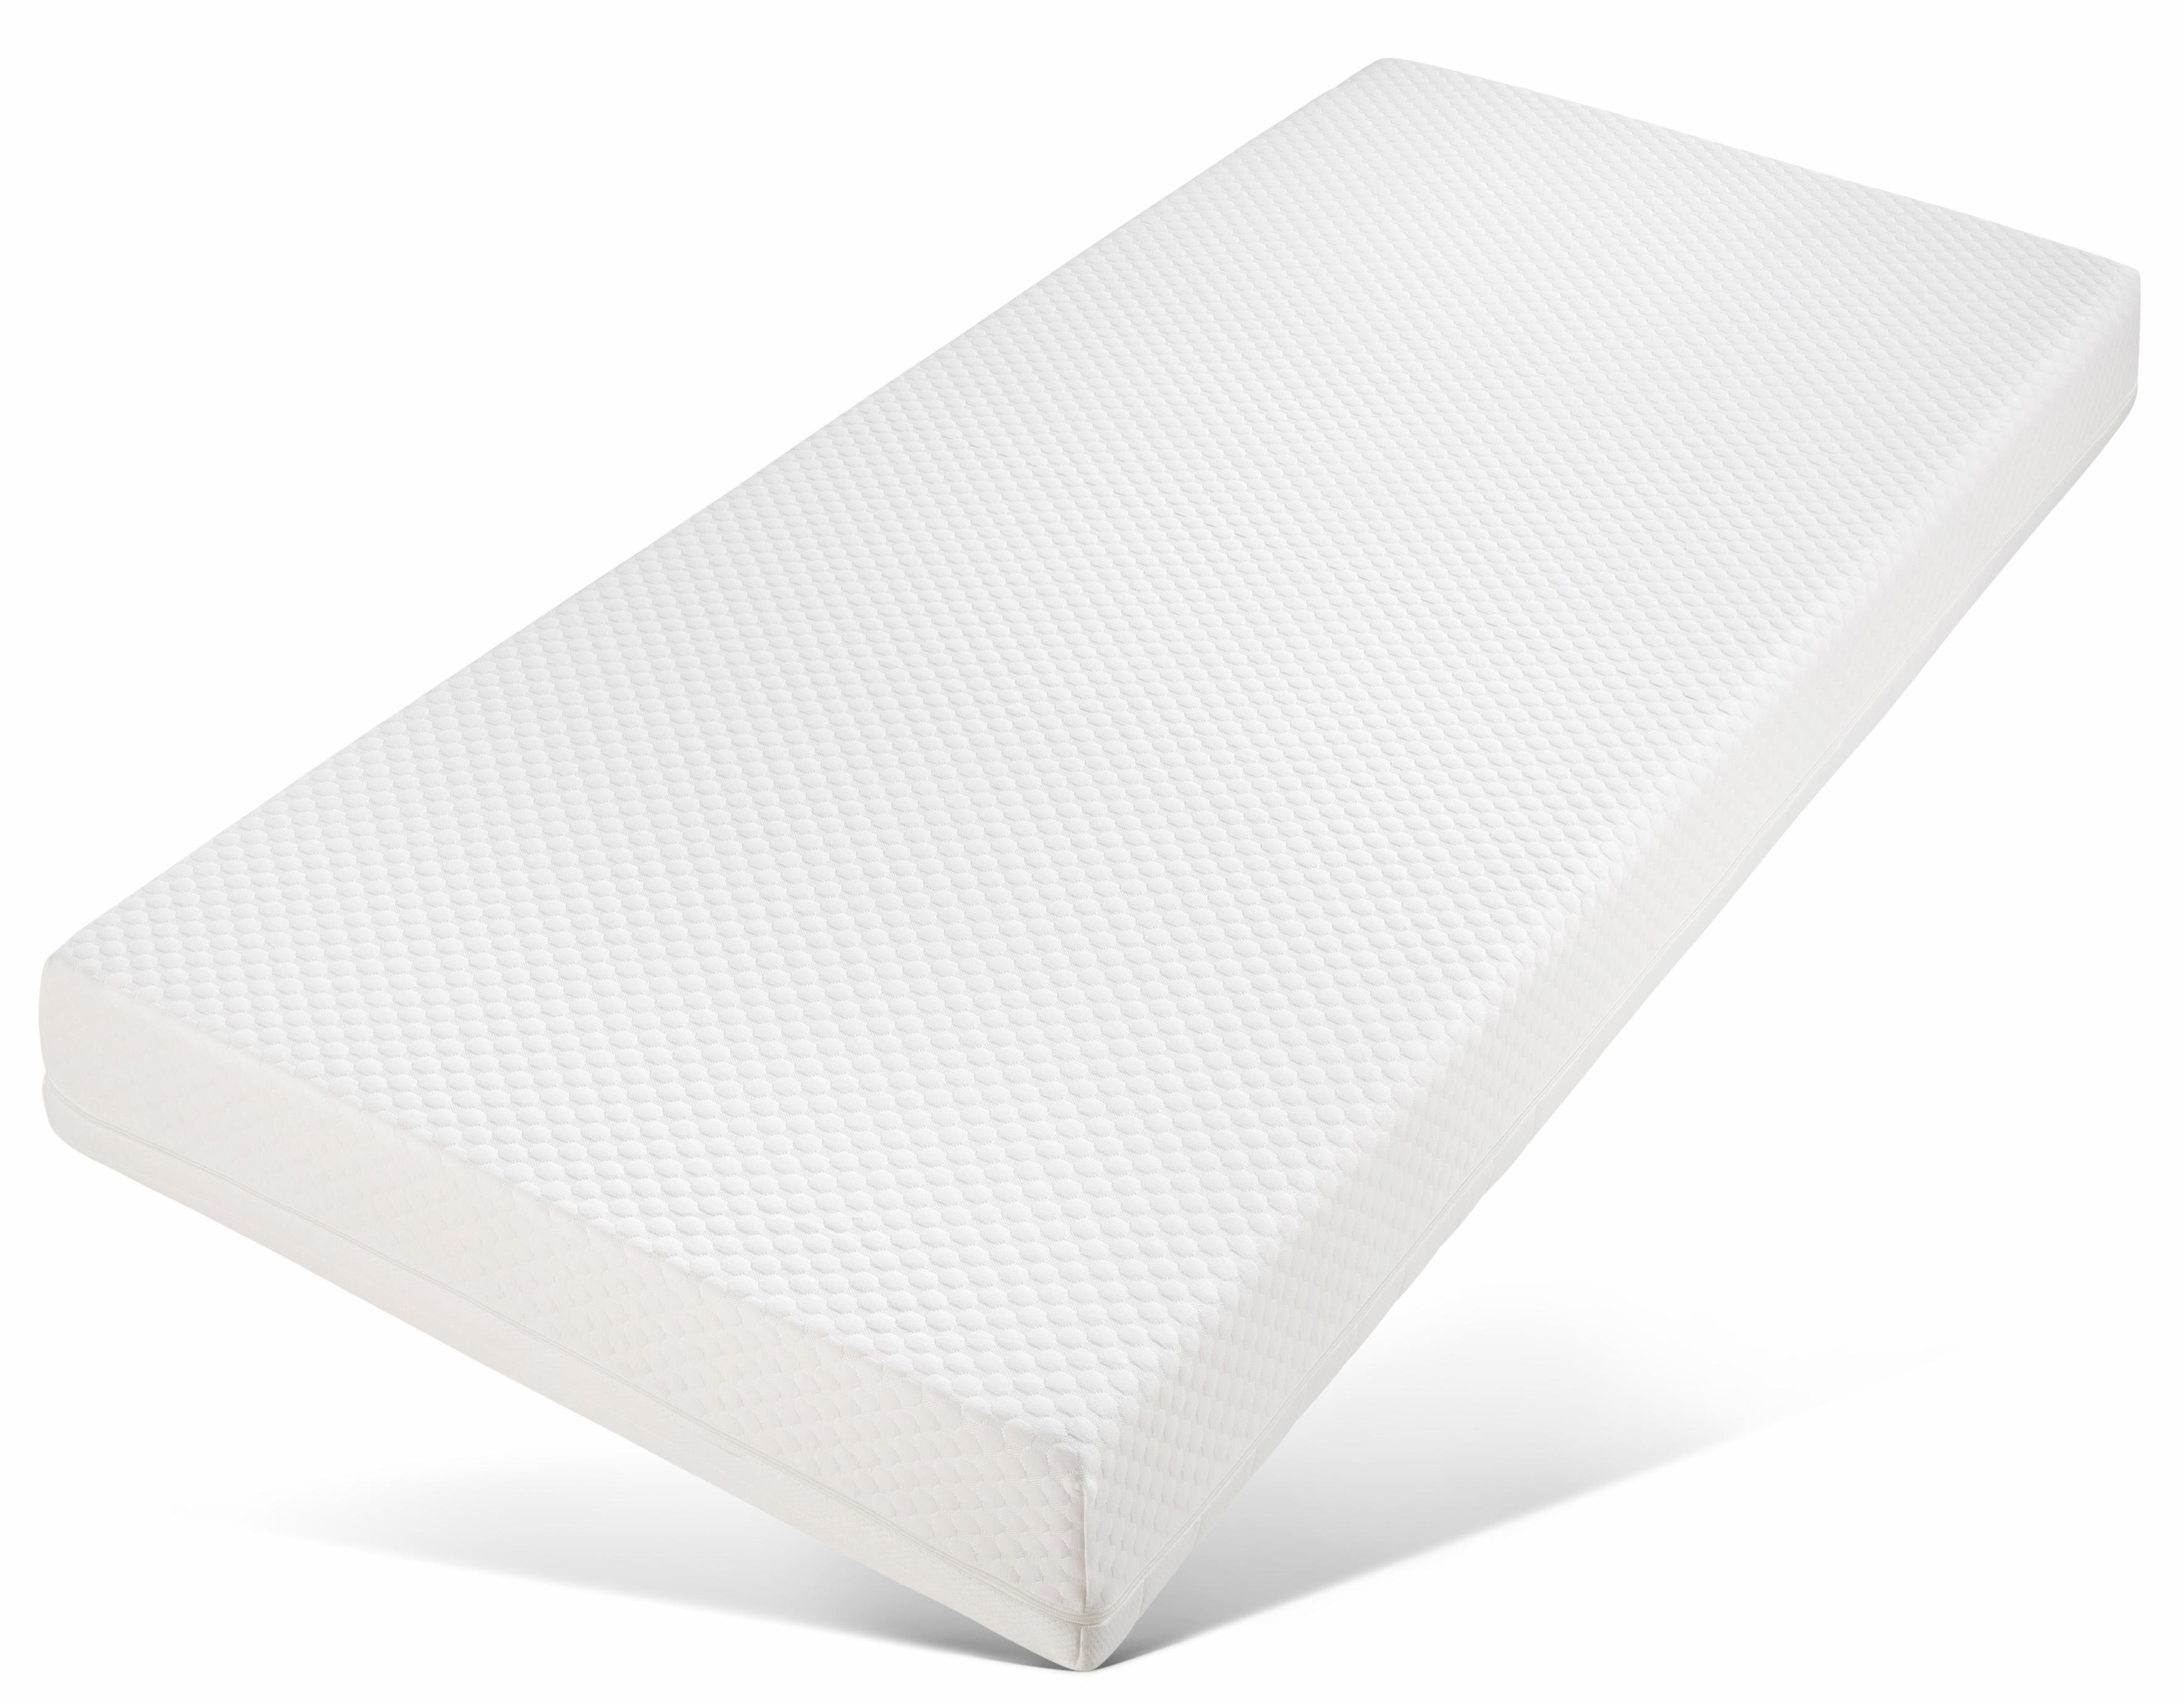 Komfortschaummatratze Visco Fit 100 Hn8 Schlafsysteme 21 cm hoch